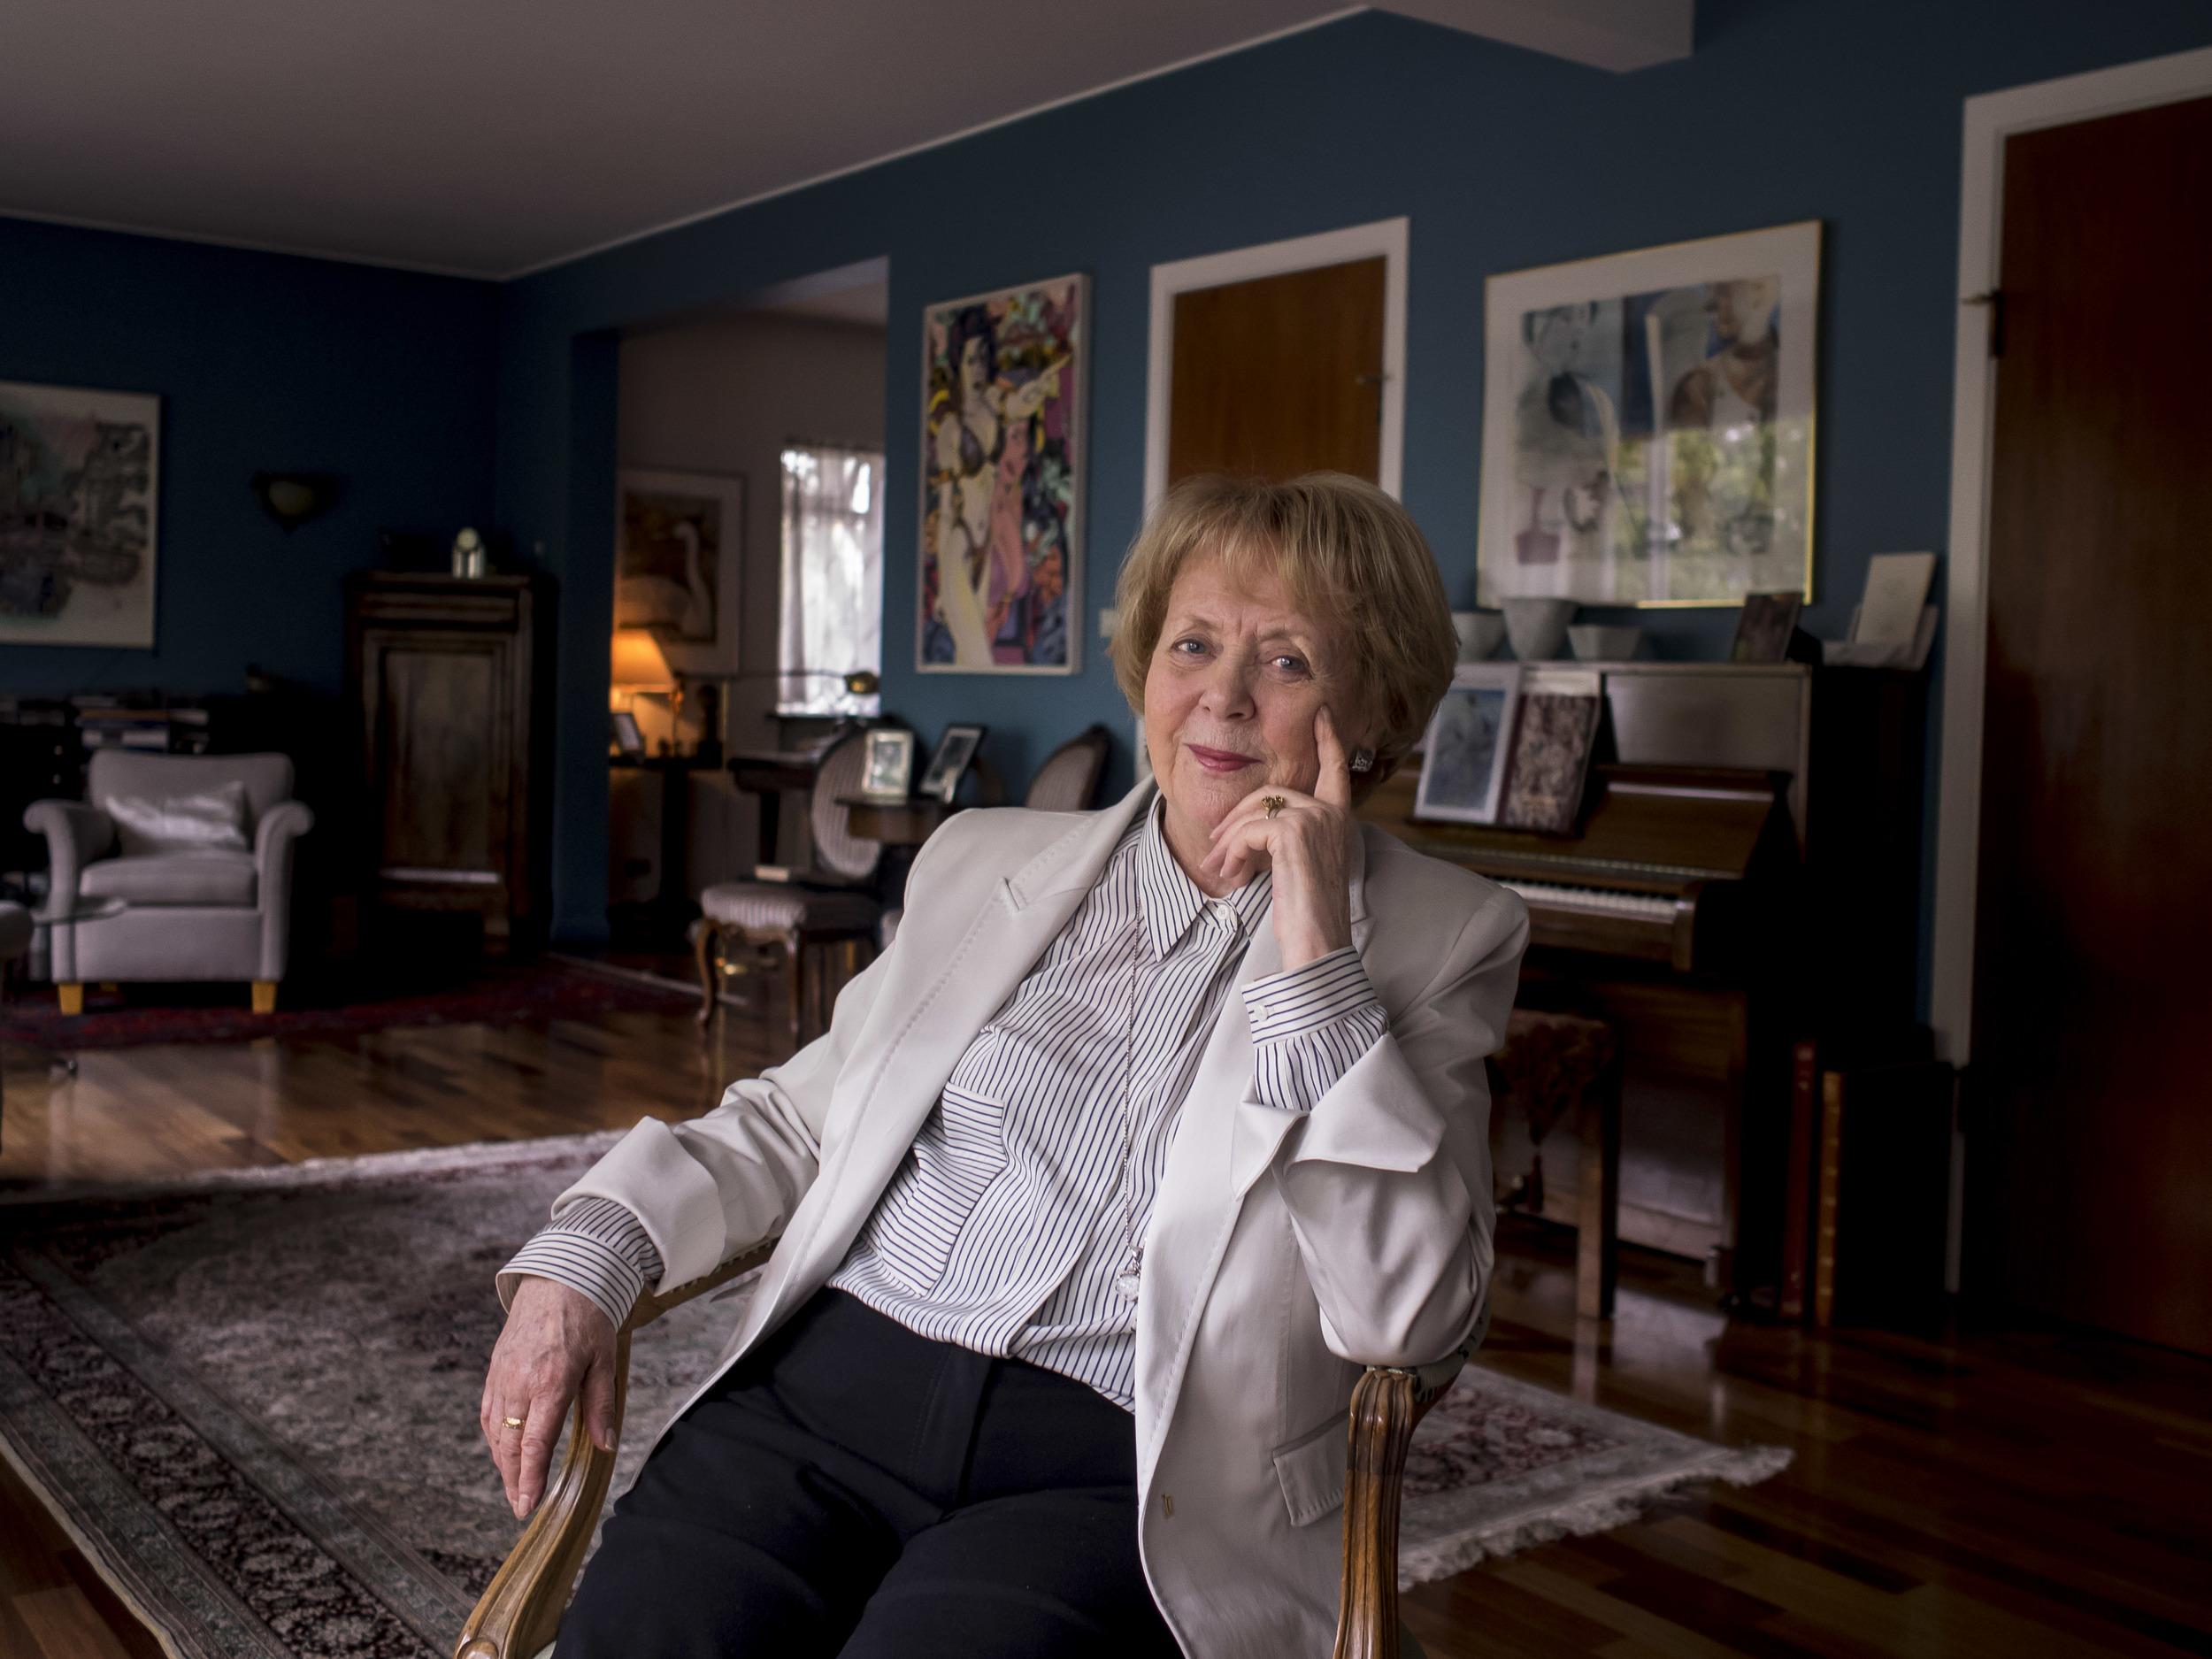 Vigdís Finnbogadóttir, 4th President of Iceland